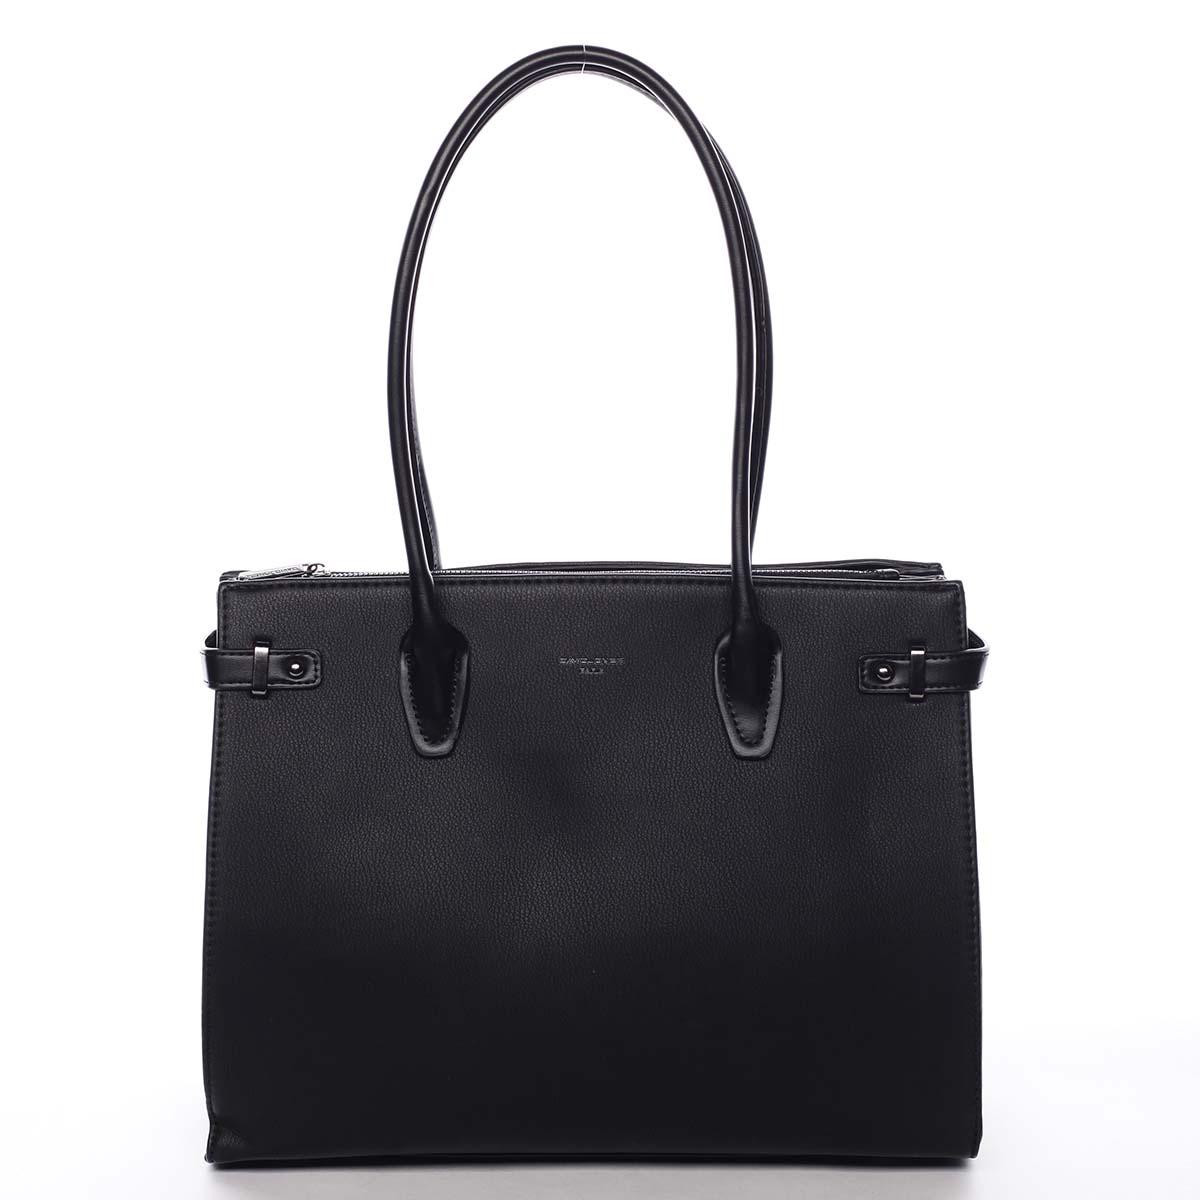 Veľká dámska kabelka cez rameno čierna - David Jones Andreza čierna